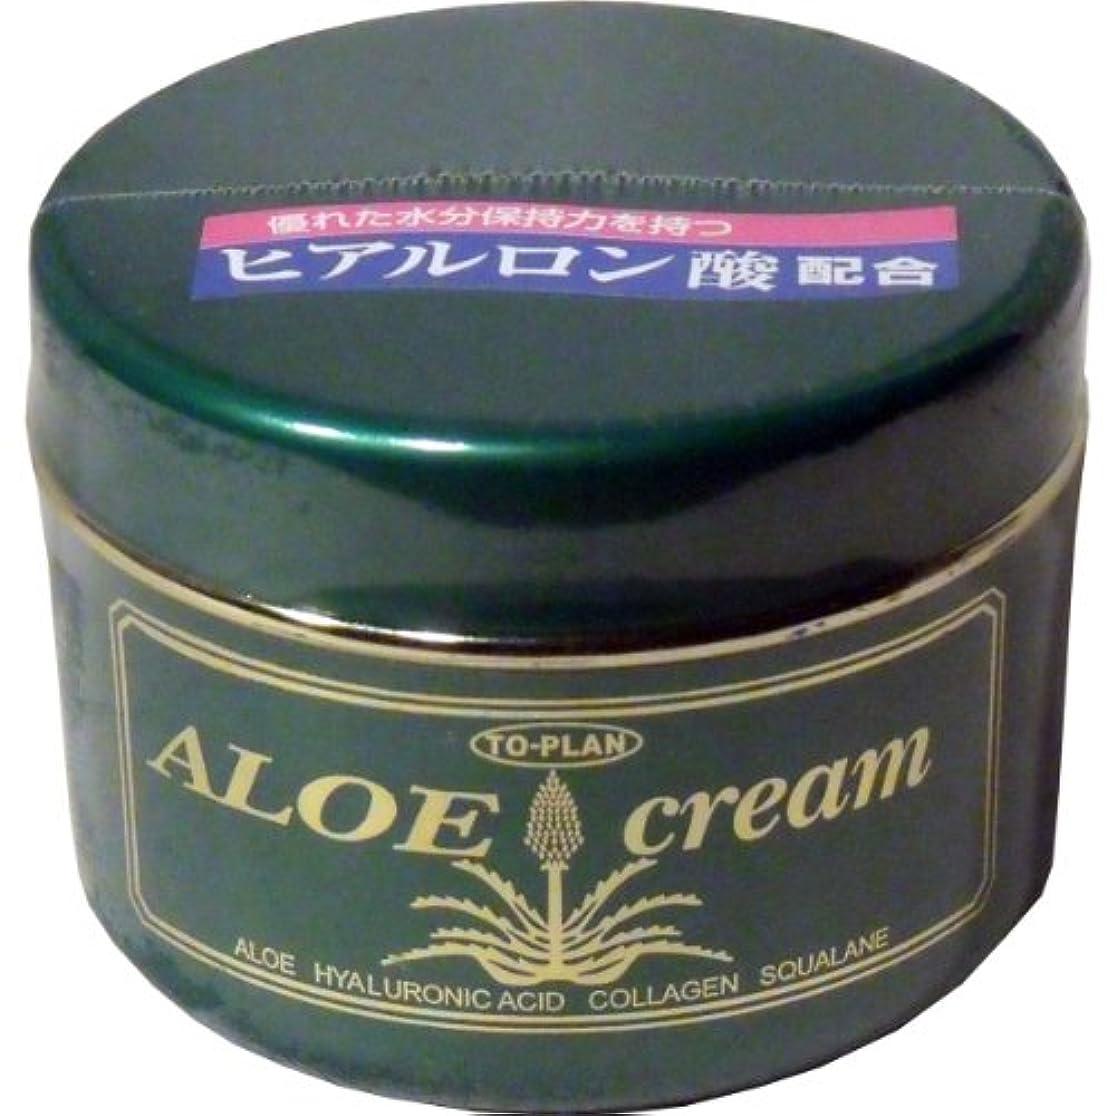 ペチコートきょうだい故意にトプラン ハーブフレッシュクリーム(アロエクリーム) ヒアルロン酸 170g ×5個セット